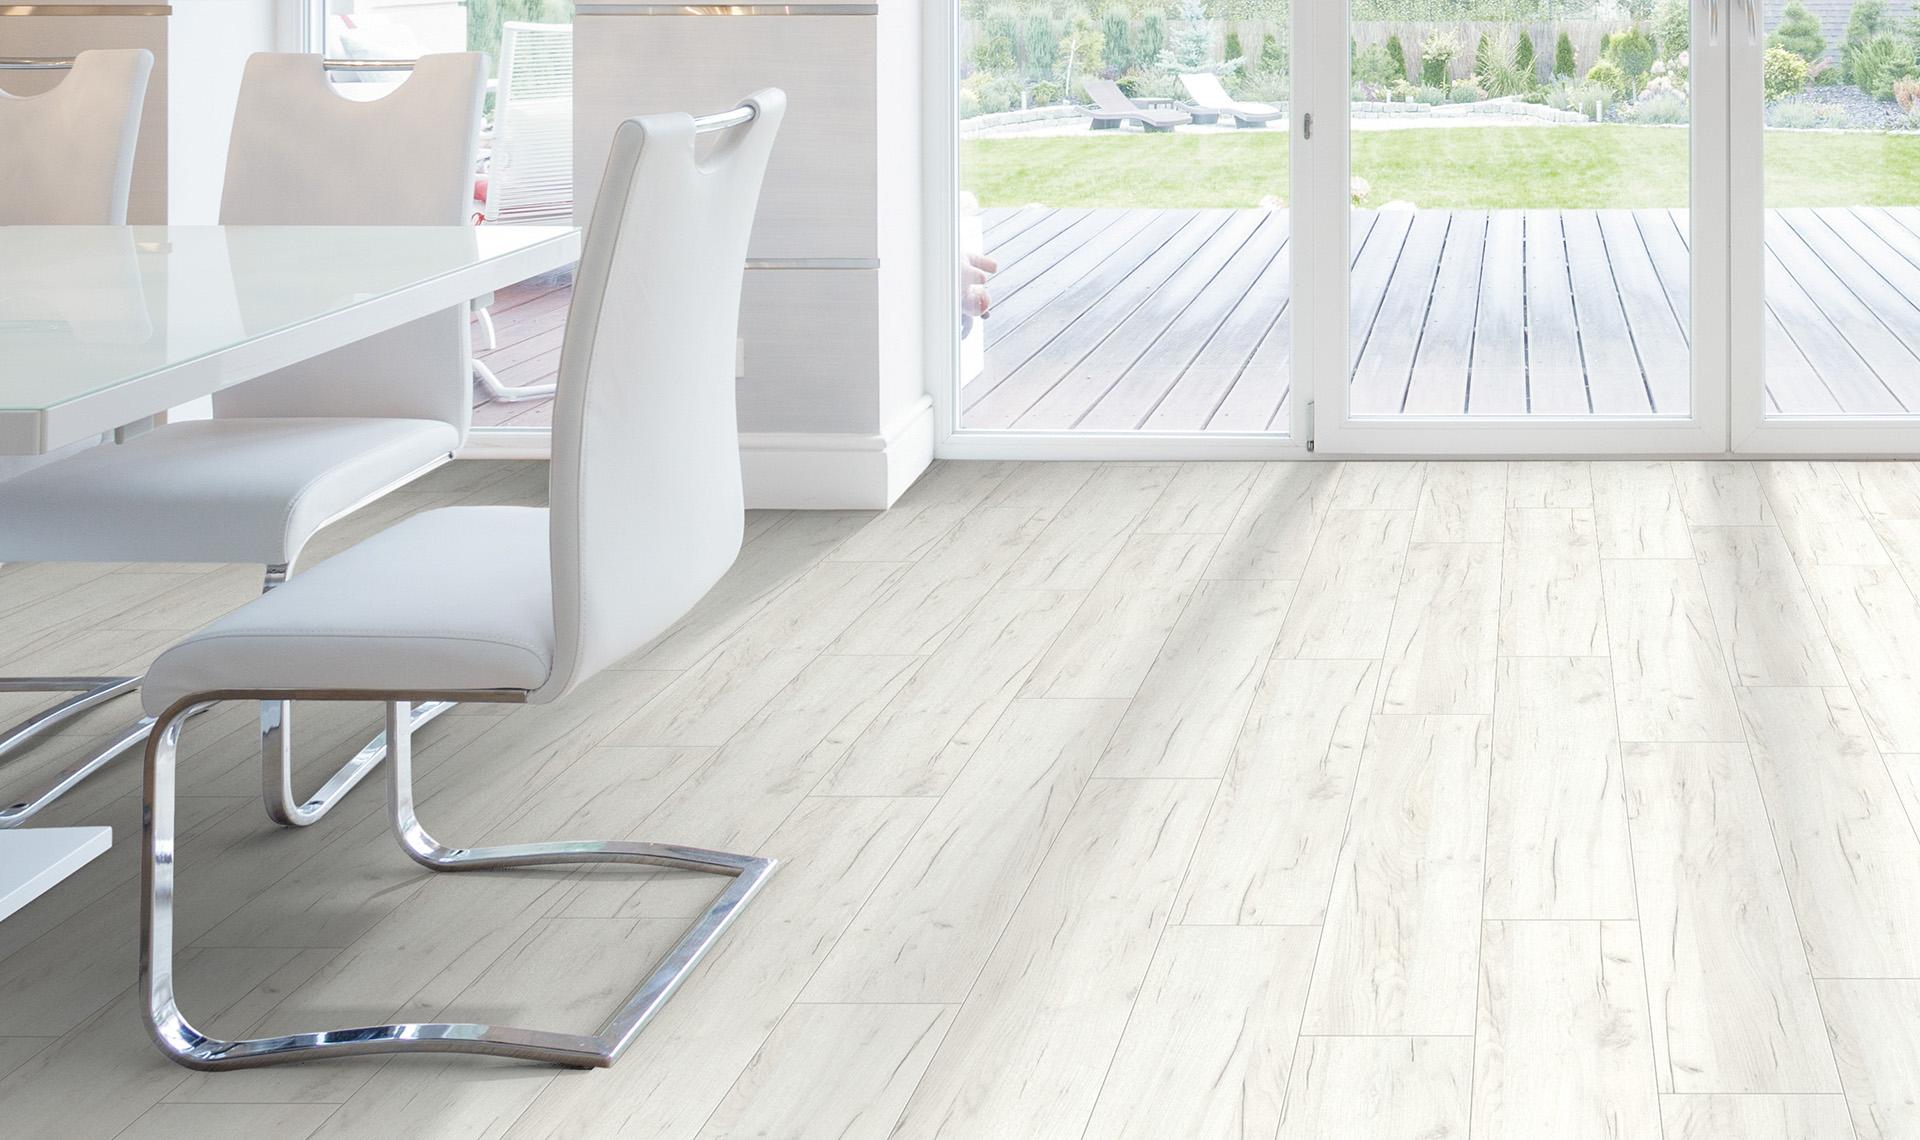 Panele Podłogowe Agat Ac5 Dąb Craft Biały Podłogi